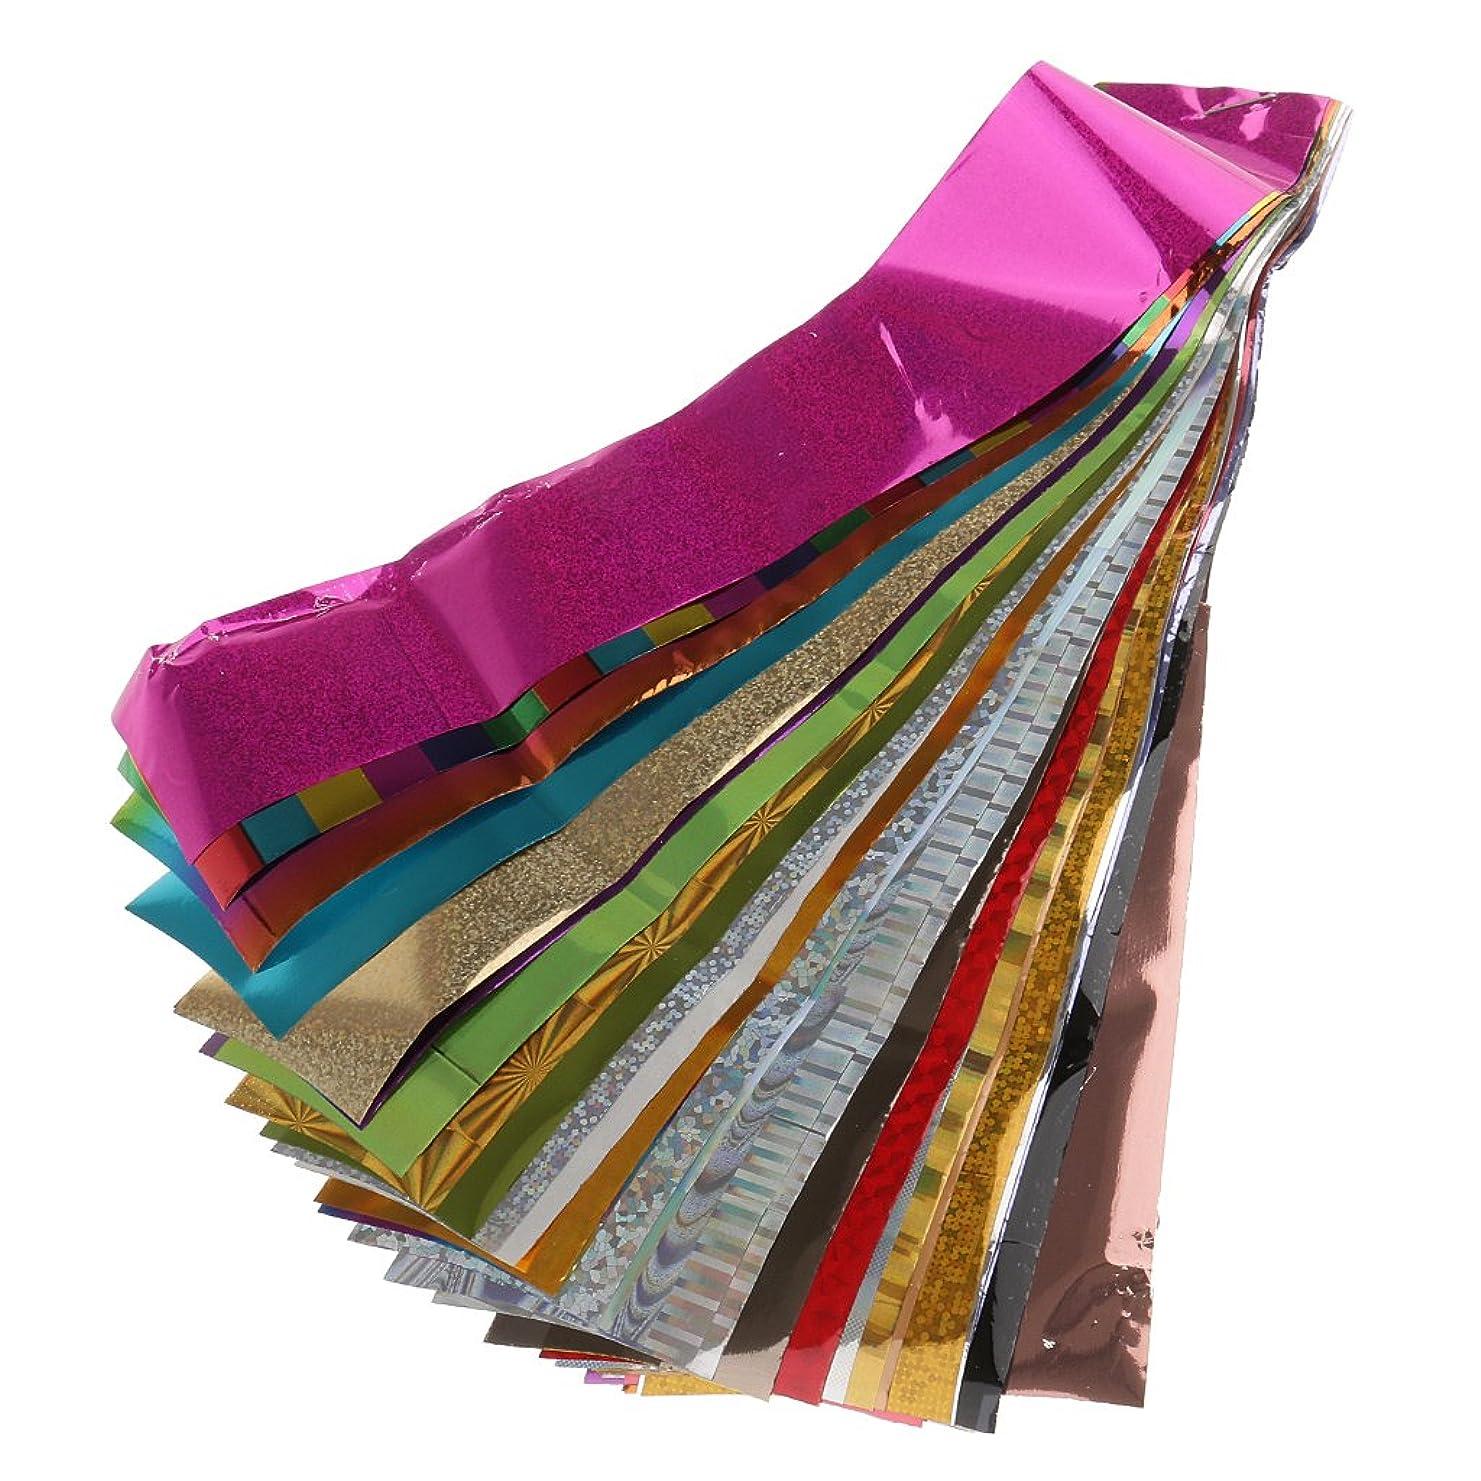 ジョブ娘息苦しいPerfk 50個/セット 爪 転送箔 キラキラ ネイルアート ステッカー デカール DIY 装飾 魅力的 人気